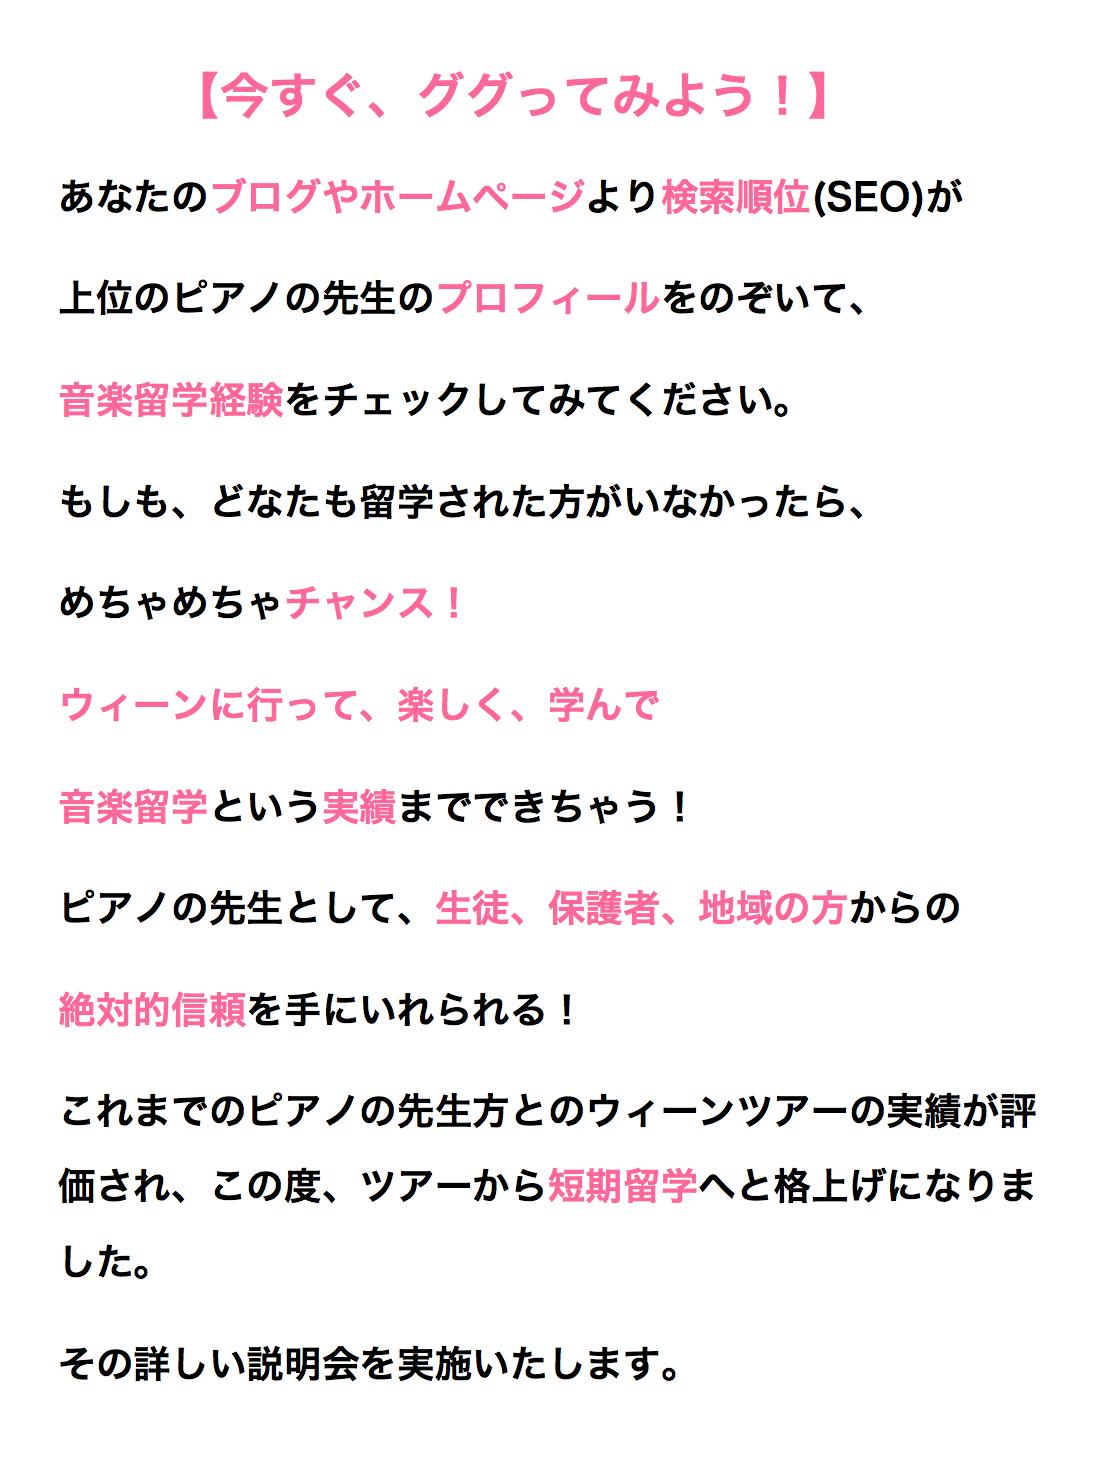 スクリーンショット 2016-01-20 1.26.17